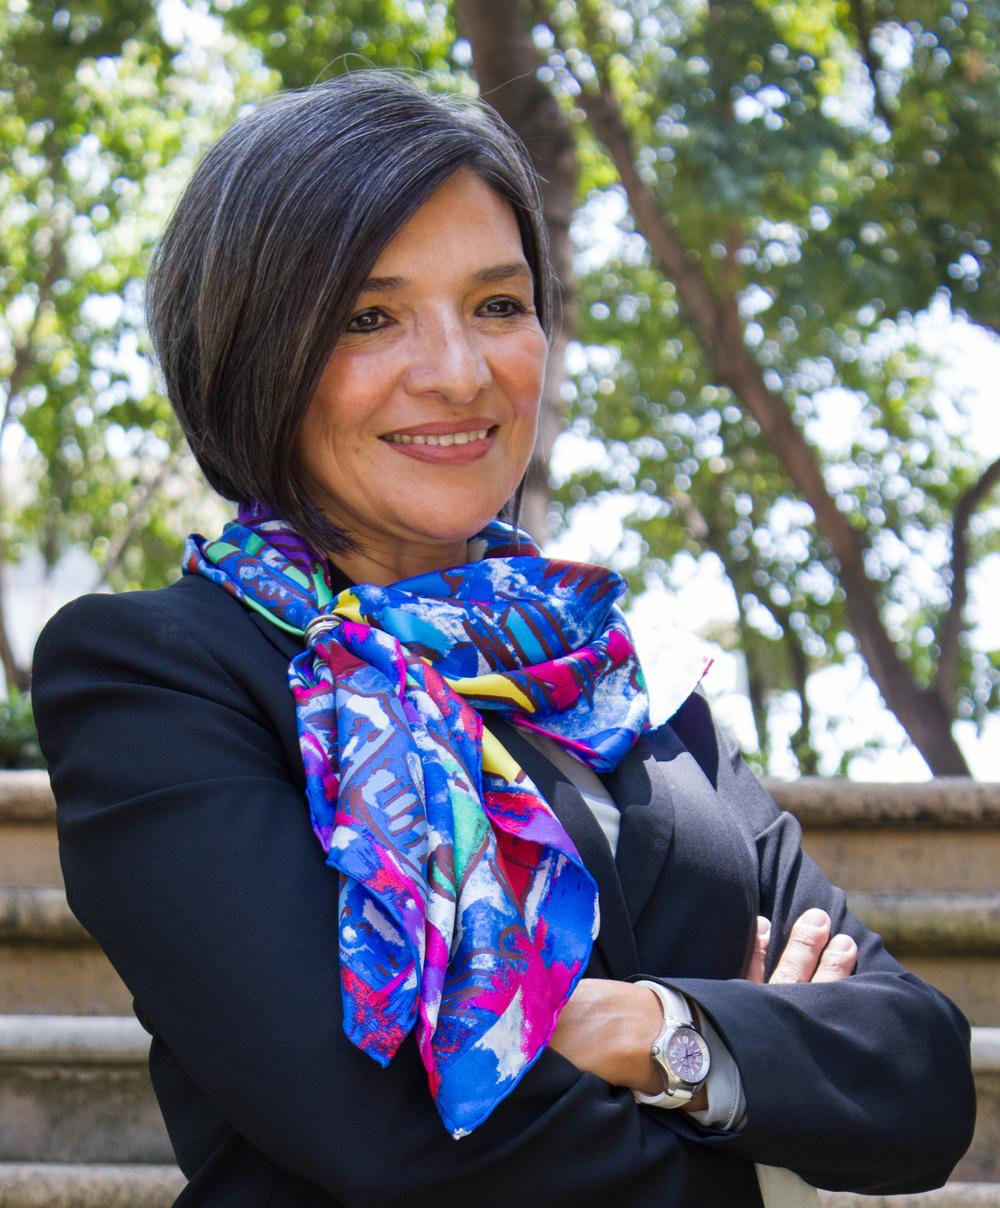 Dra. Isabel Studer Directora Fundadora, Instituto Global para la Sostenibilidad, EGADE Business School Tecnológico de Monterrey.